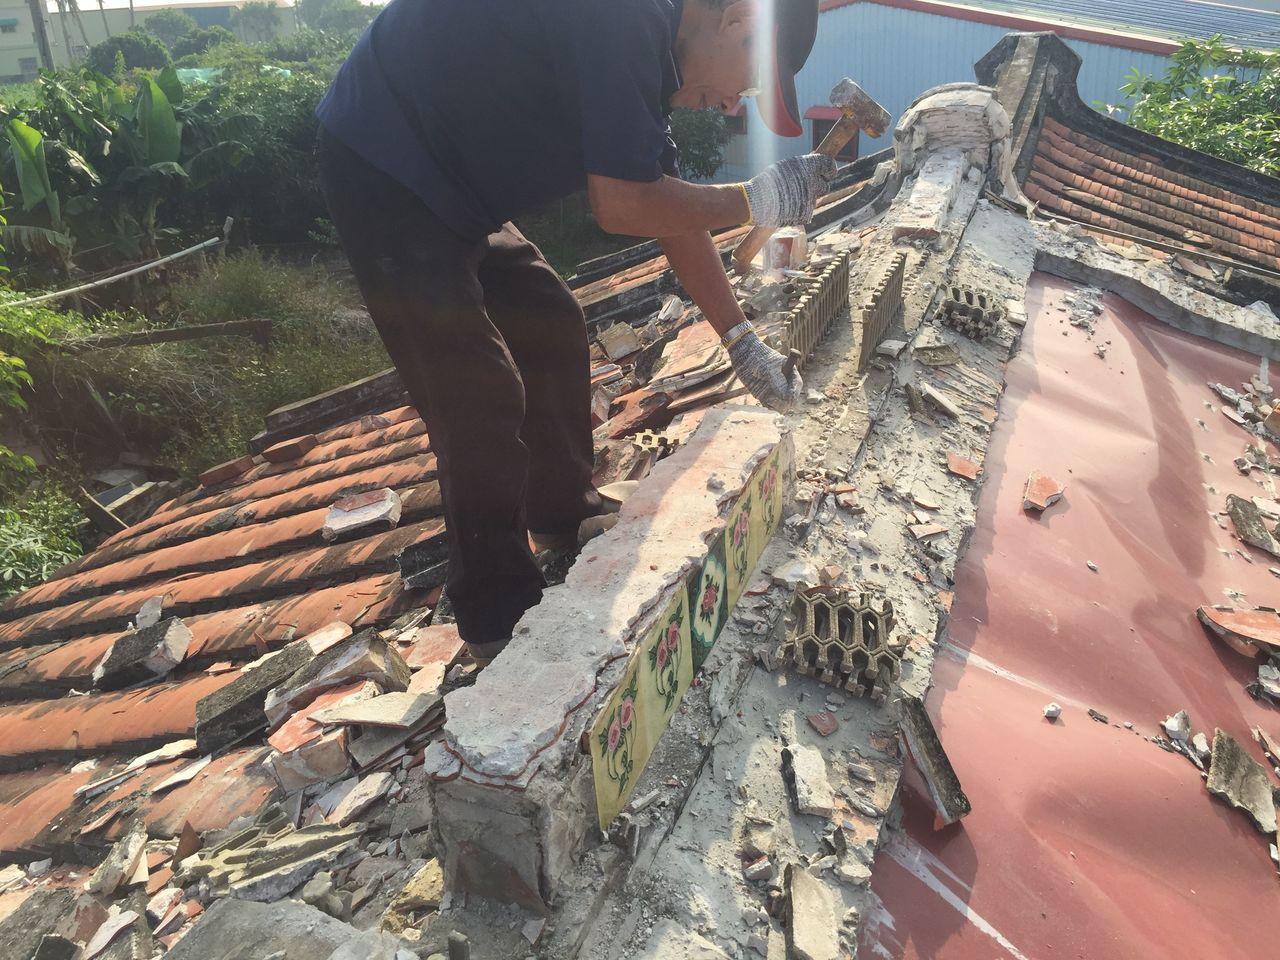 徐嘉彬和一群志同道合夥伴出現各個拆屋現場,搶在工程進行前,拜託屋主允許他們爬上屋...